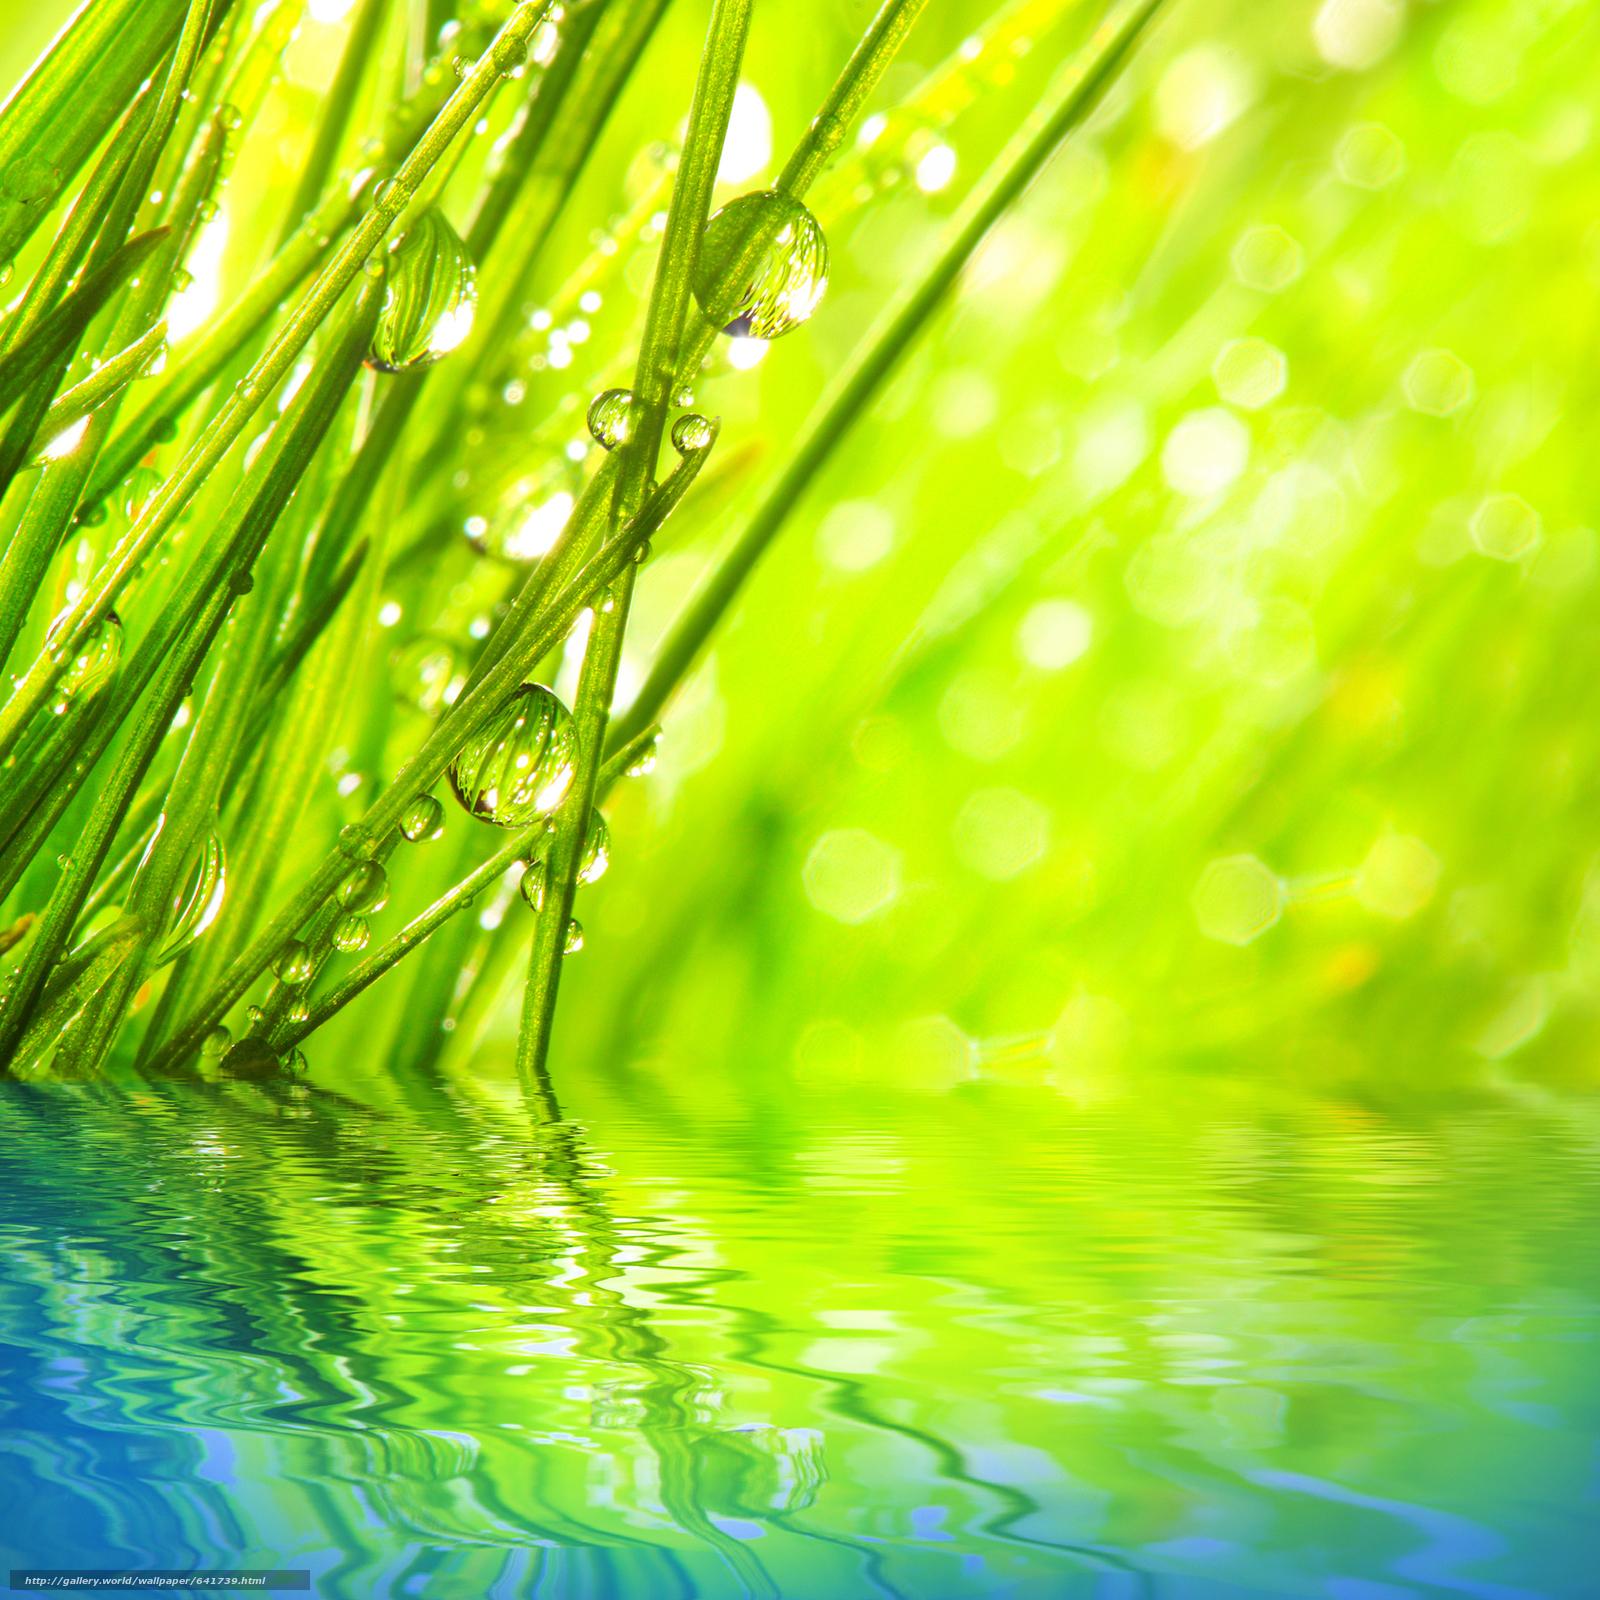 scaricare gli sfondi Macro,  natura,  gocce,  rugiada Sfondi gratis per la risoluzione del desktop 4120x4120 — immagine №641739